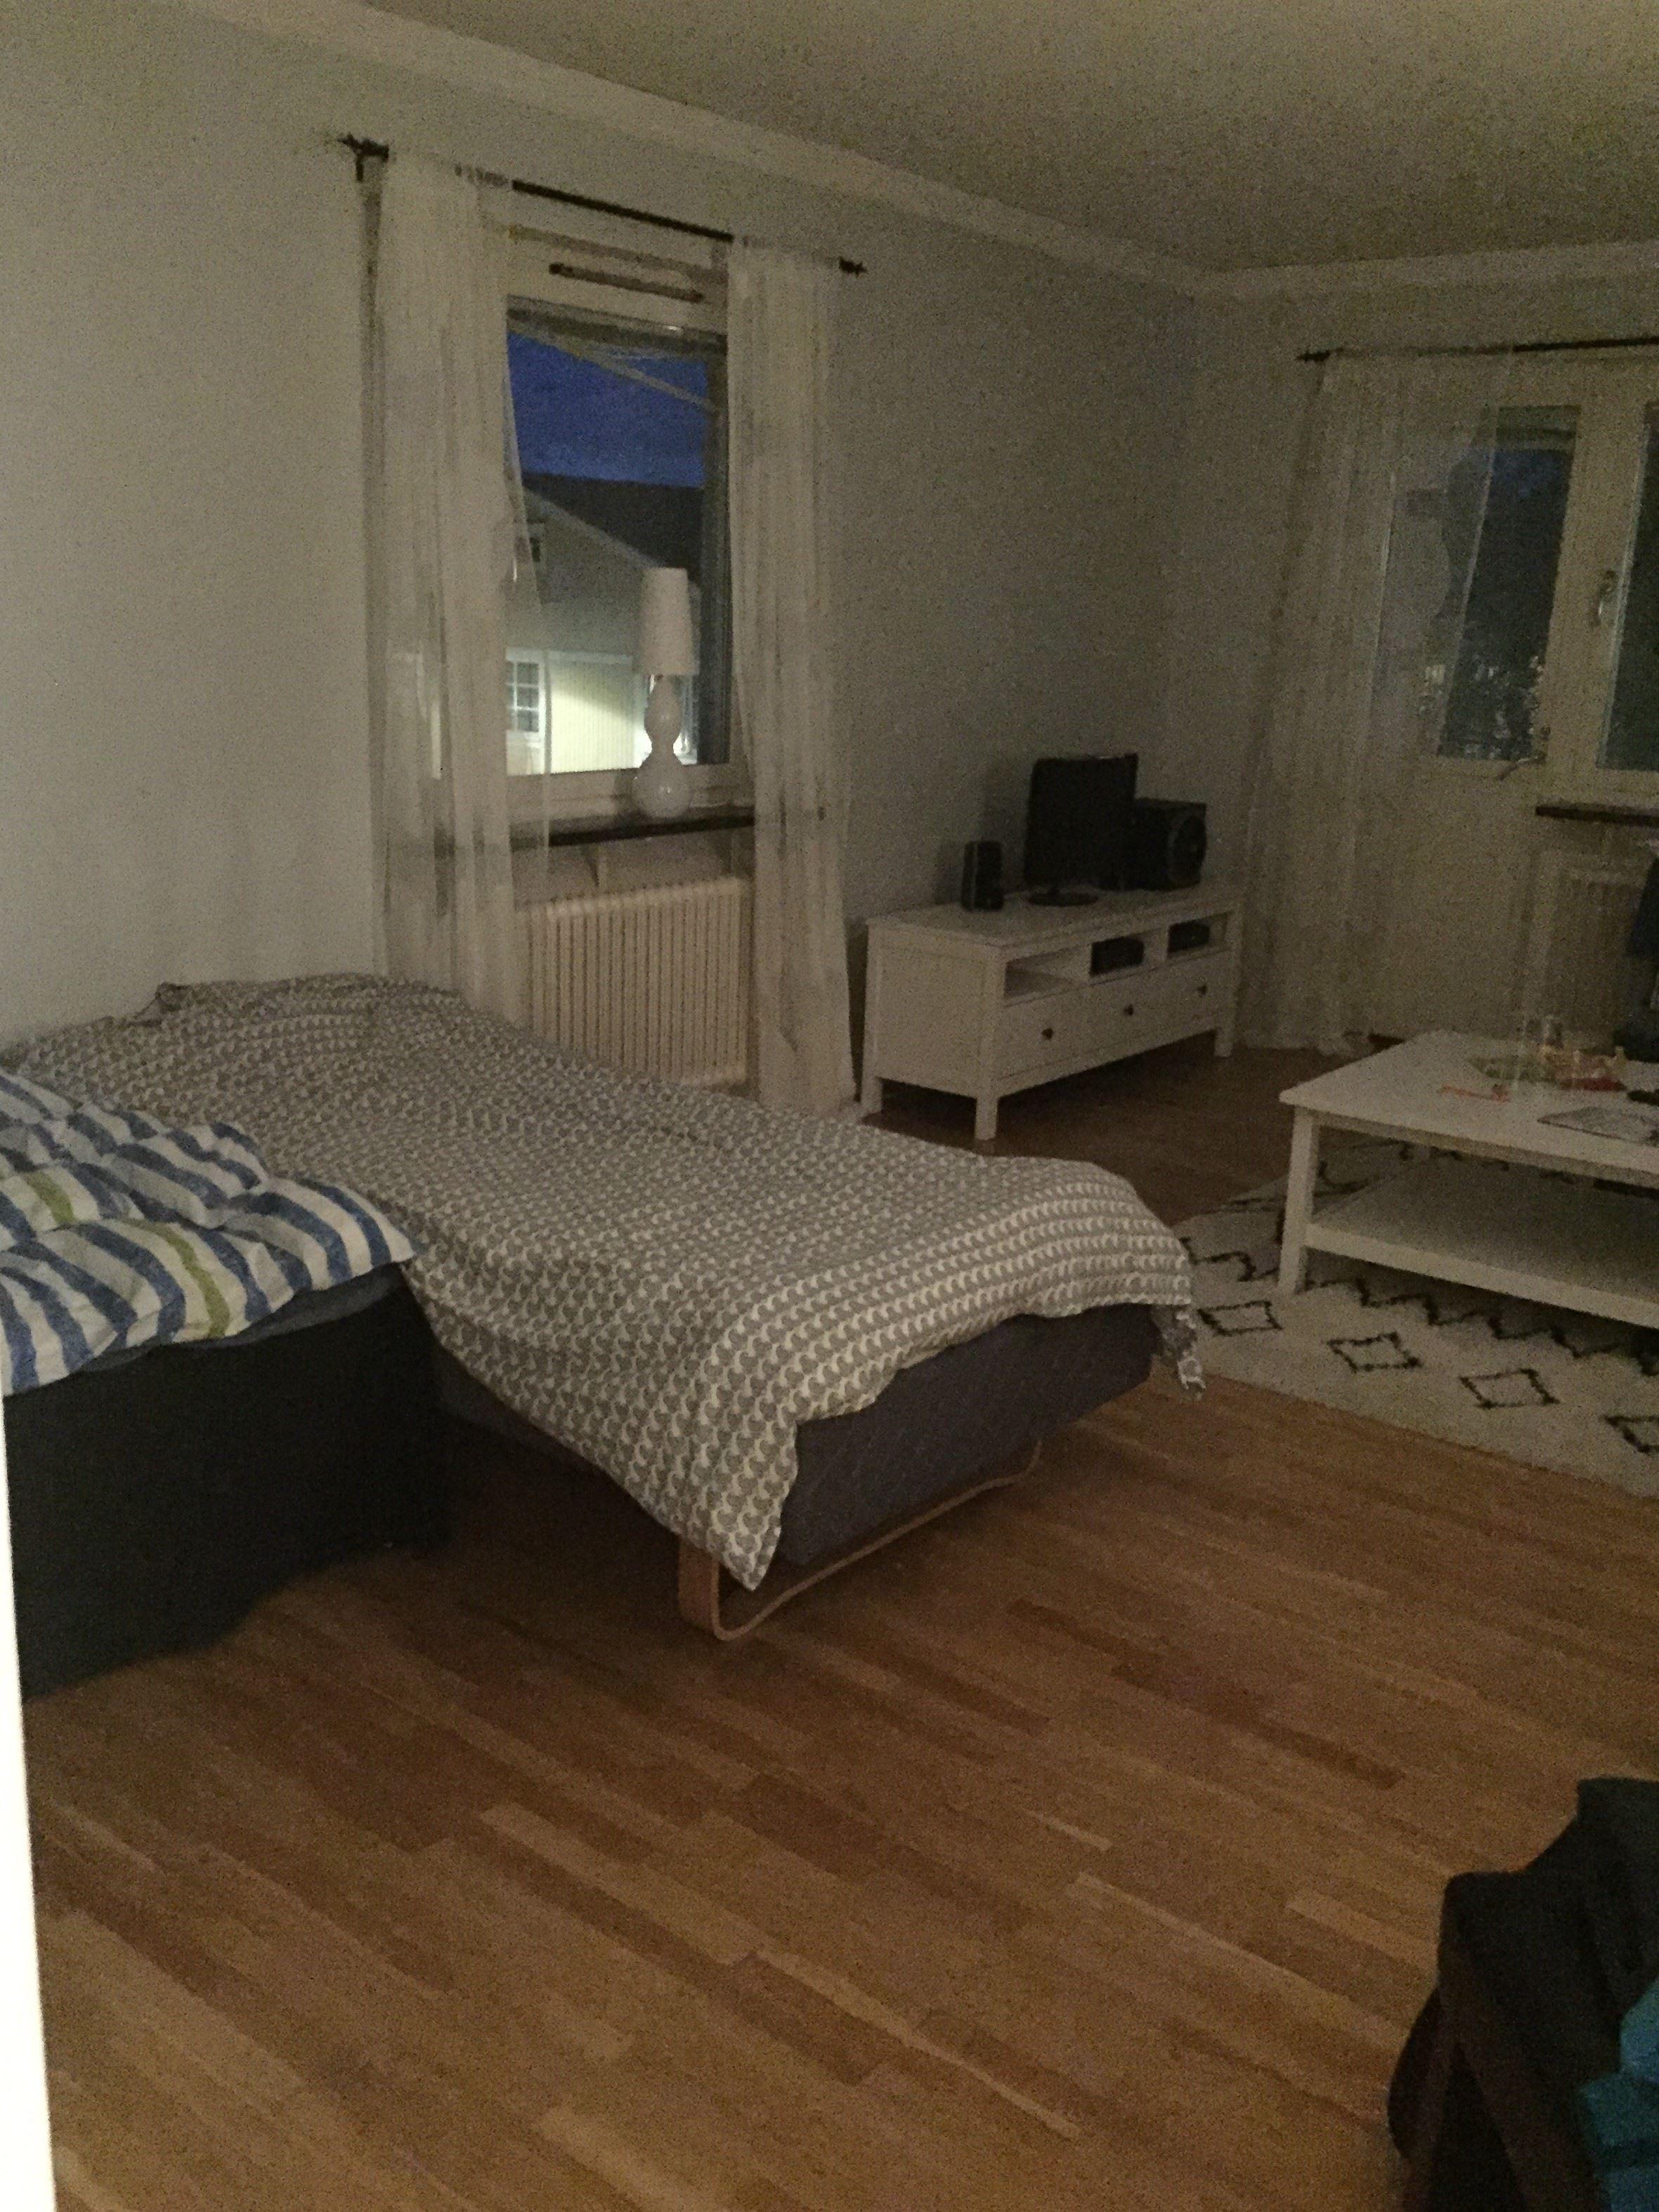 HL108 Apartment at Frösön